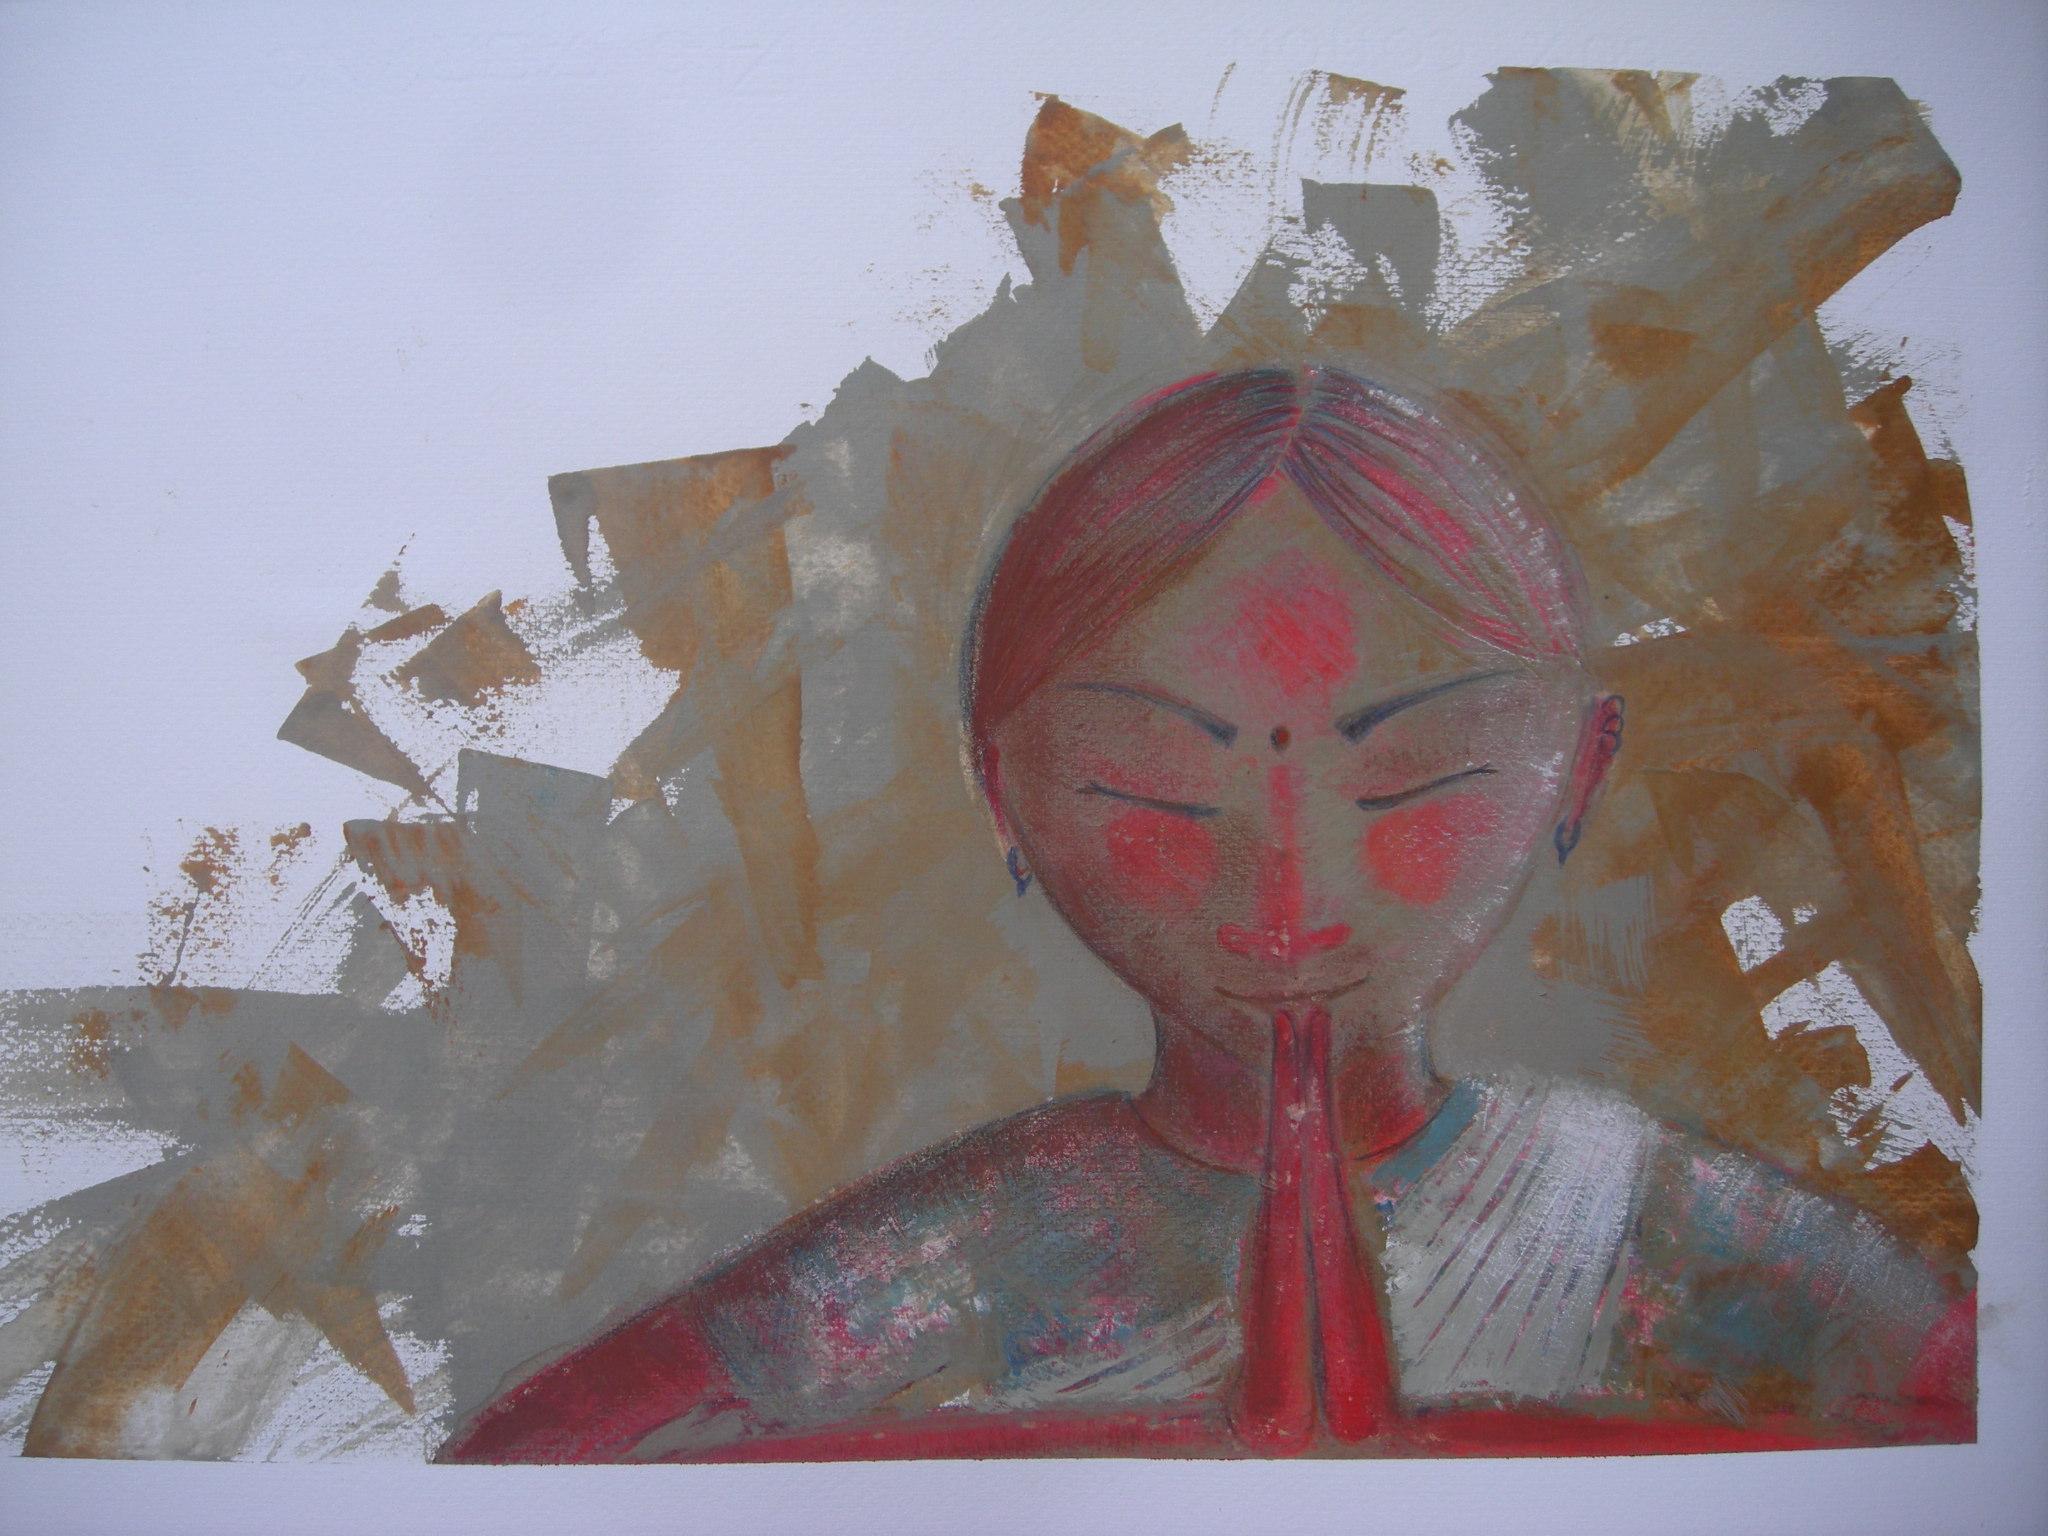 illustrazione, acquerelli e china, da La mia giornata all'asilo - 2011